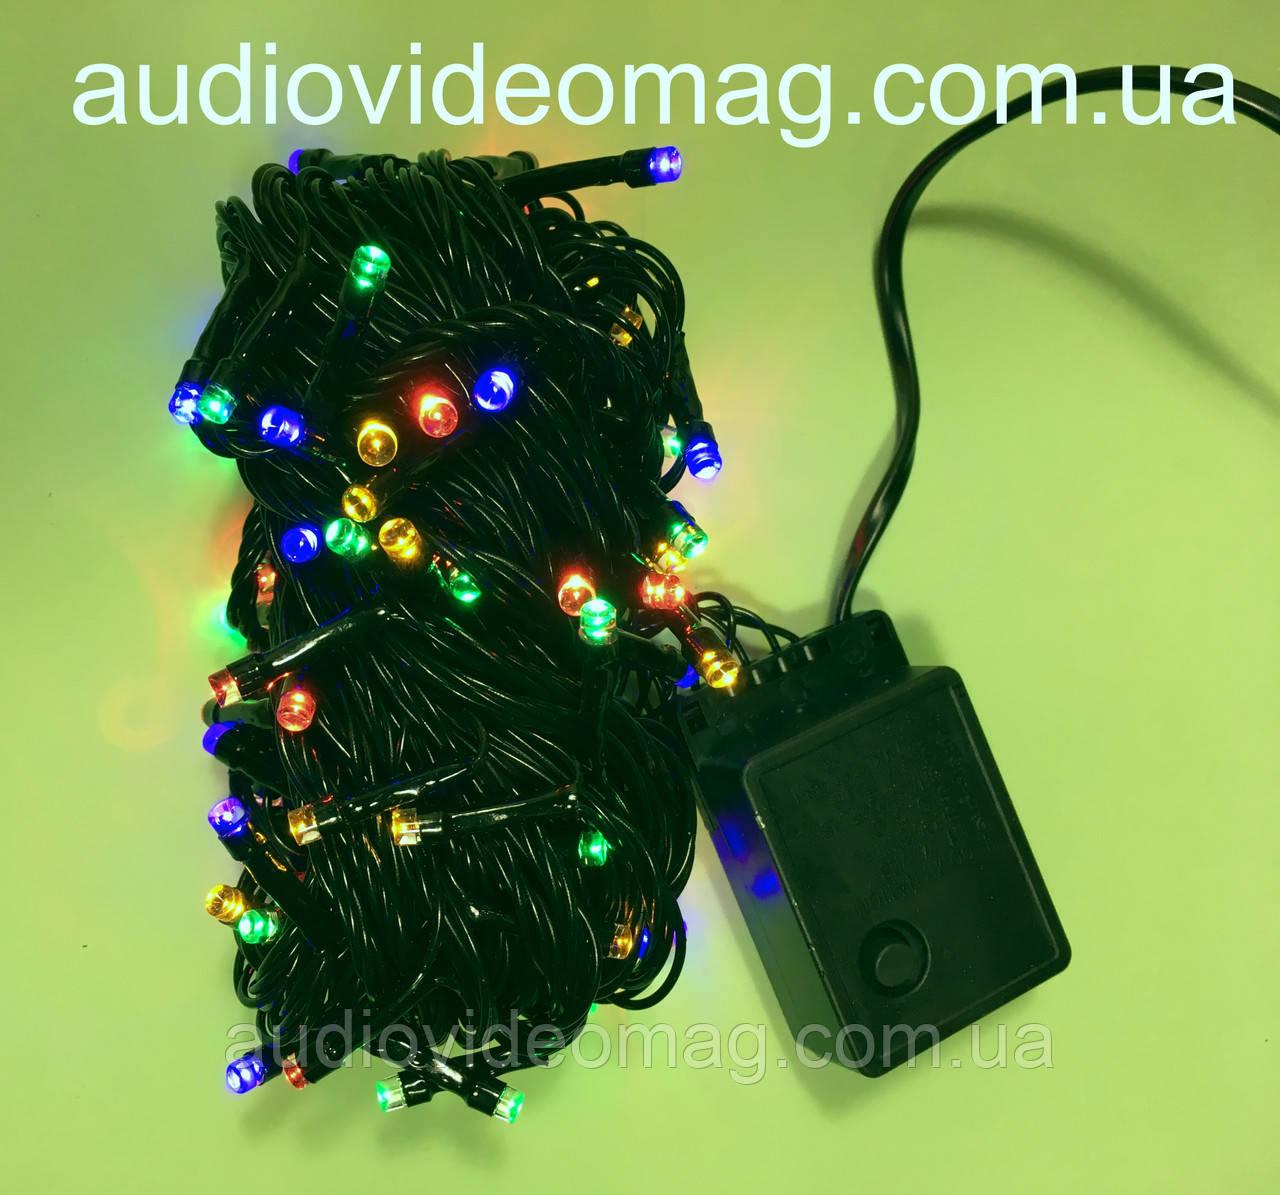 Новогодняя гирлянда - 100 светодиодов, 4 цвета, 8 режимов свечения